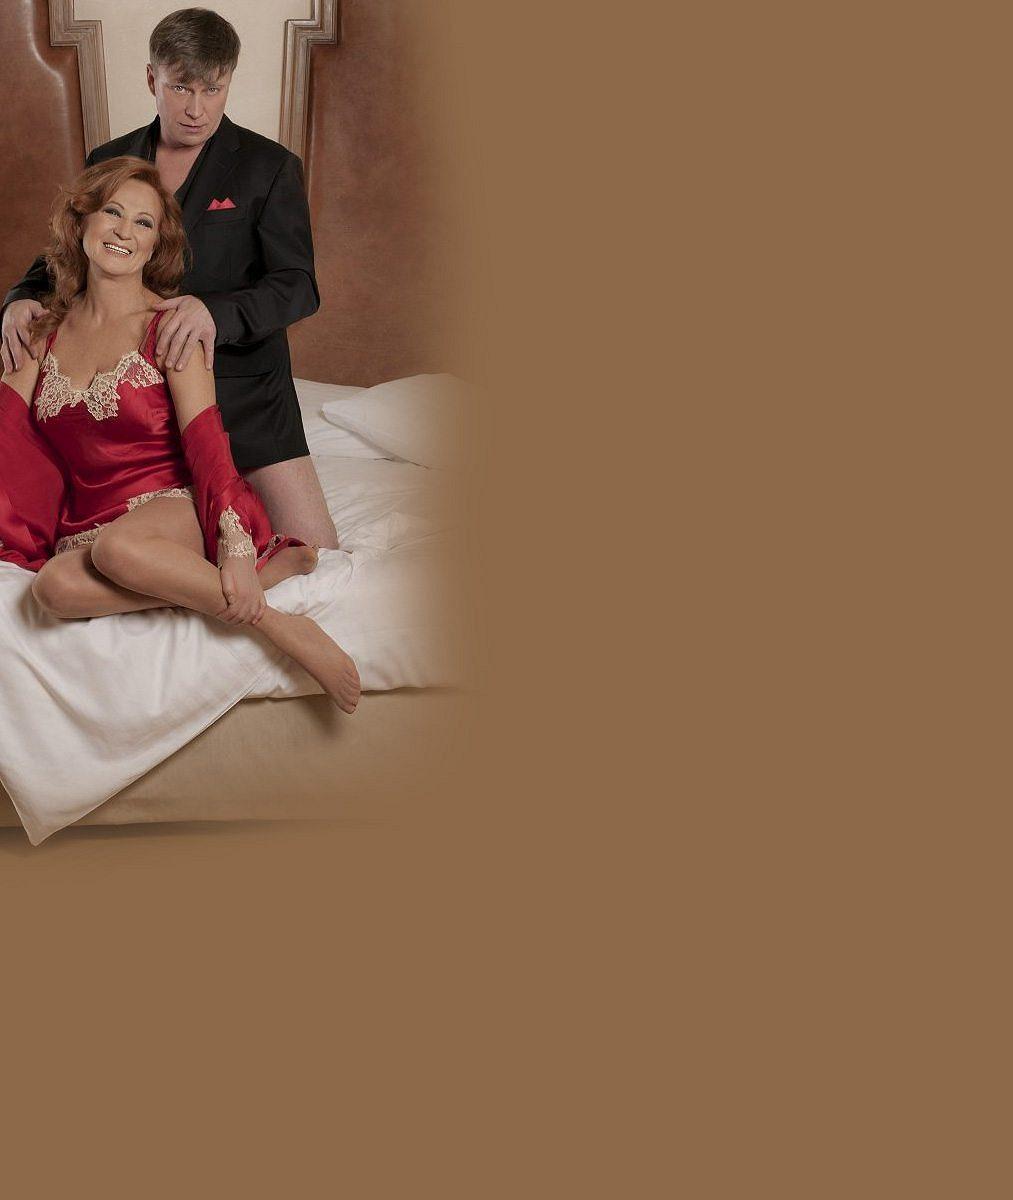 Dračice Simona Stašová těsně před šedesátkou v sexy prádélku? Tady ji máte!